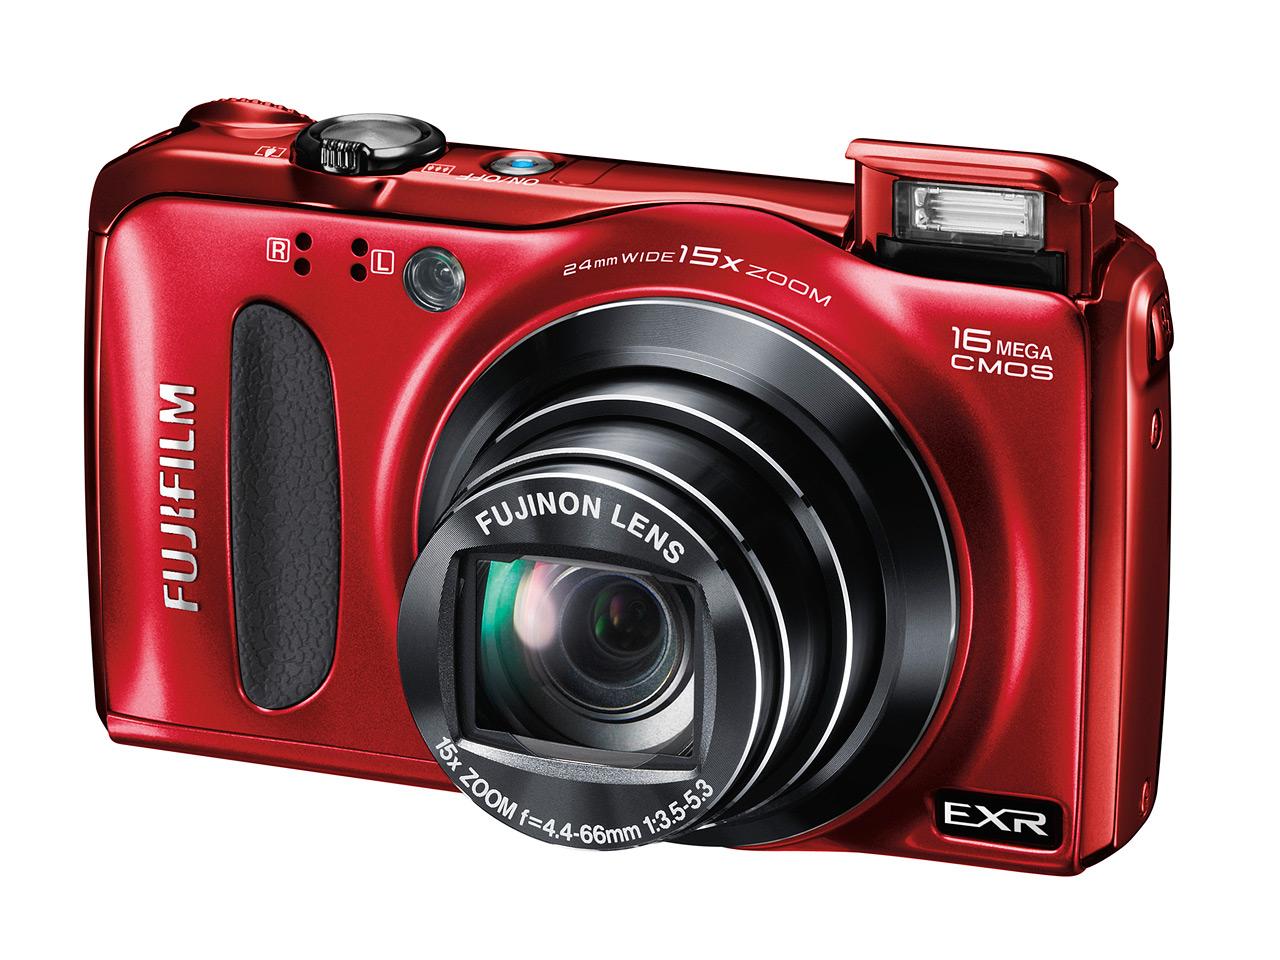 Fujifilm finepix f660exr инструкция